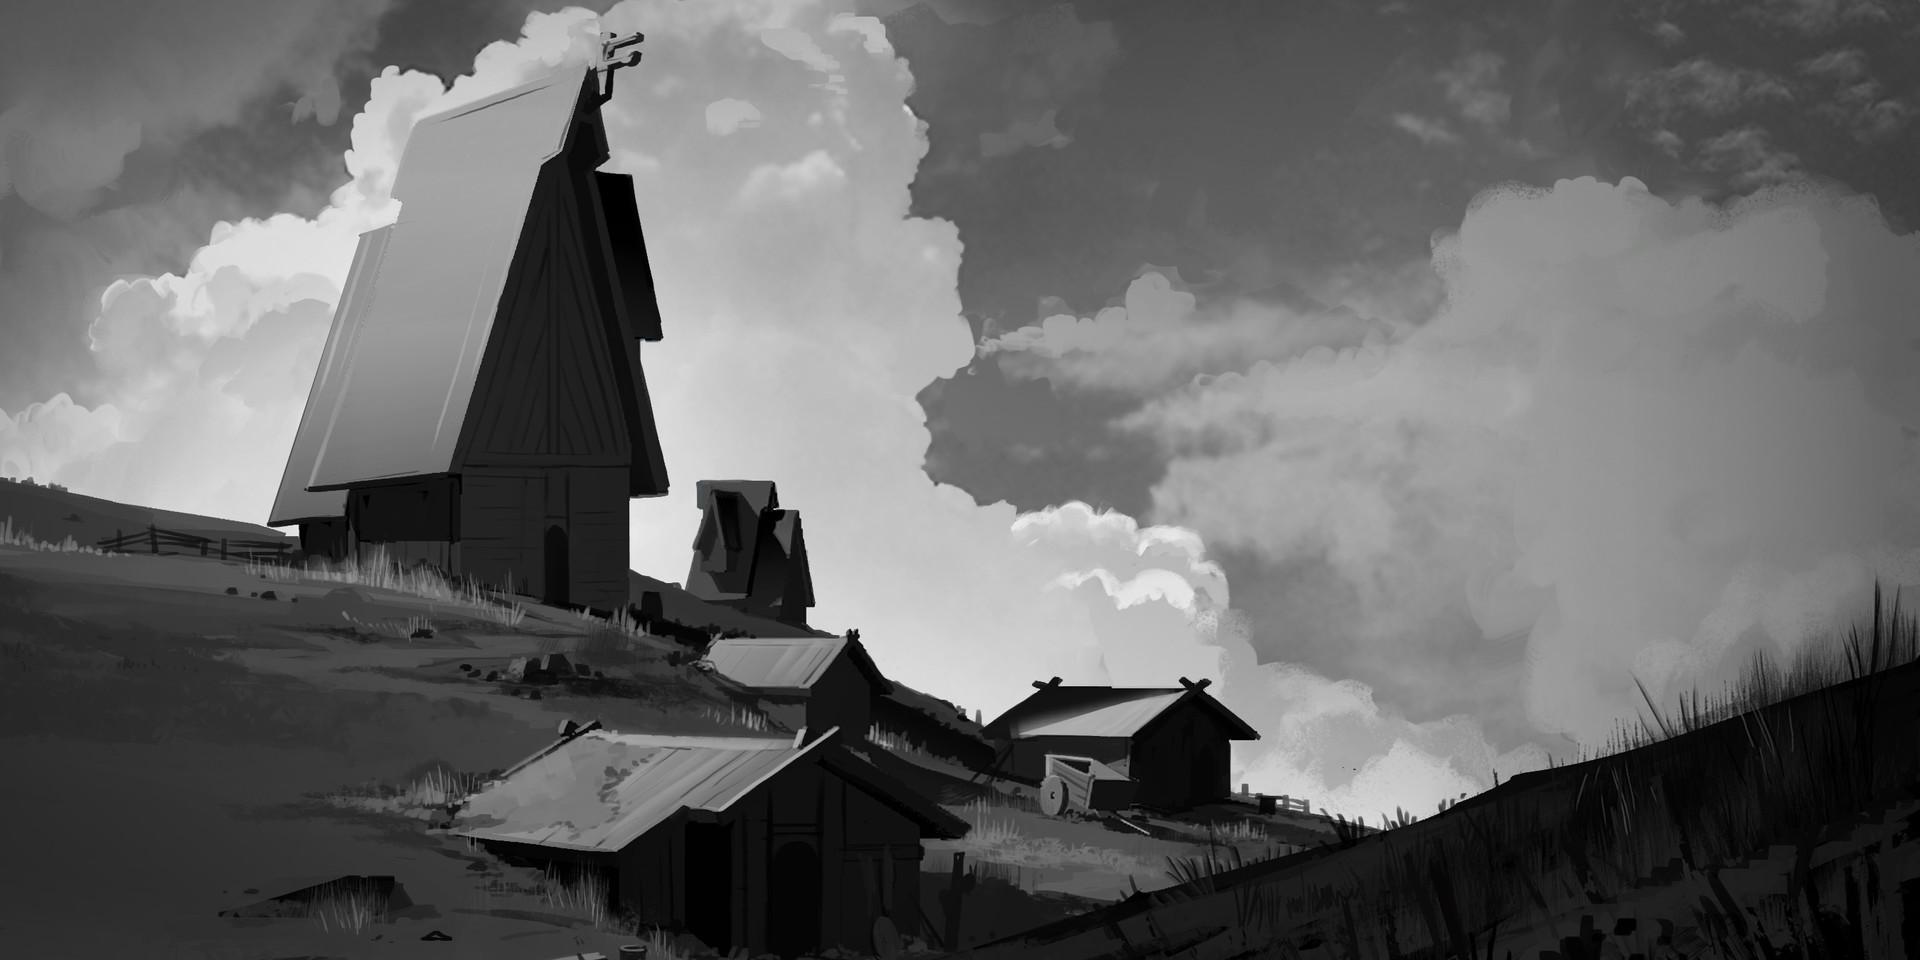 Tim kaminski viking village